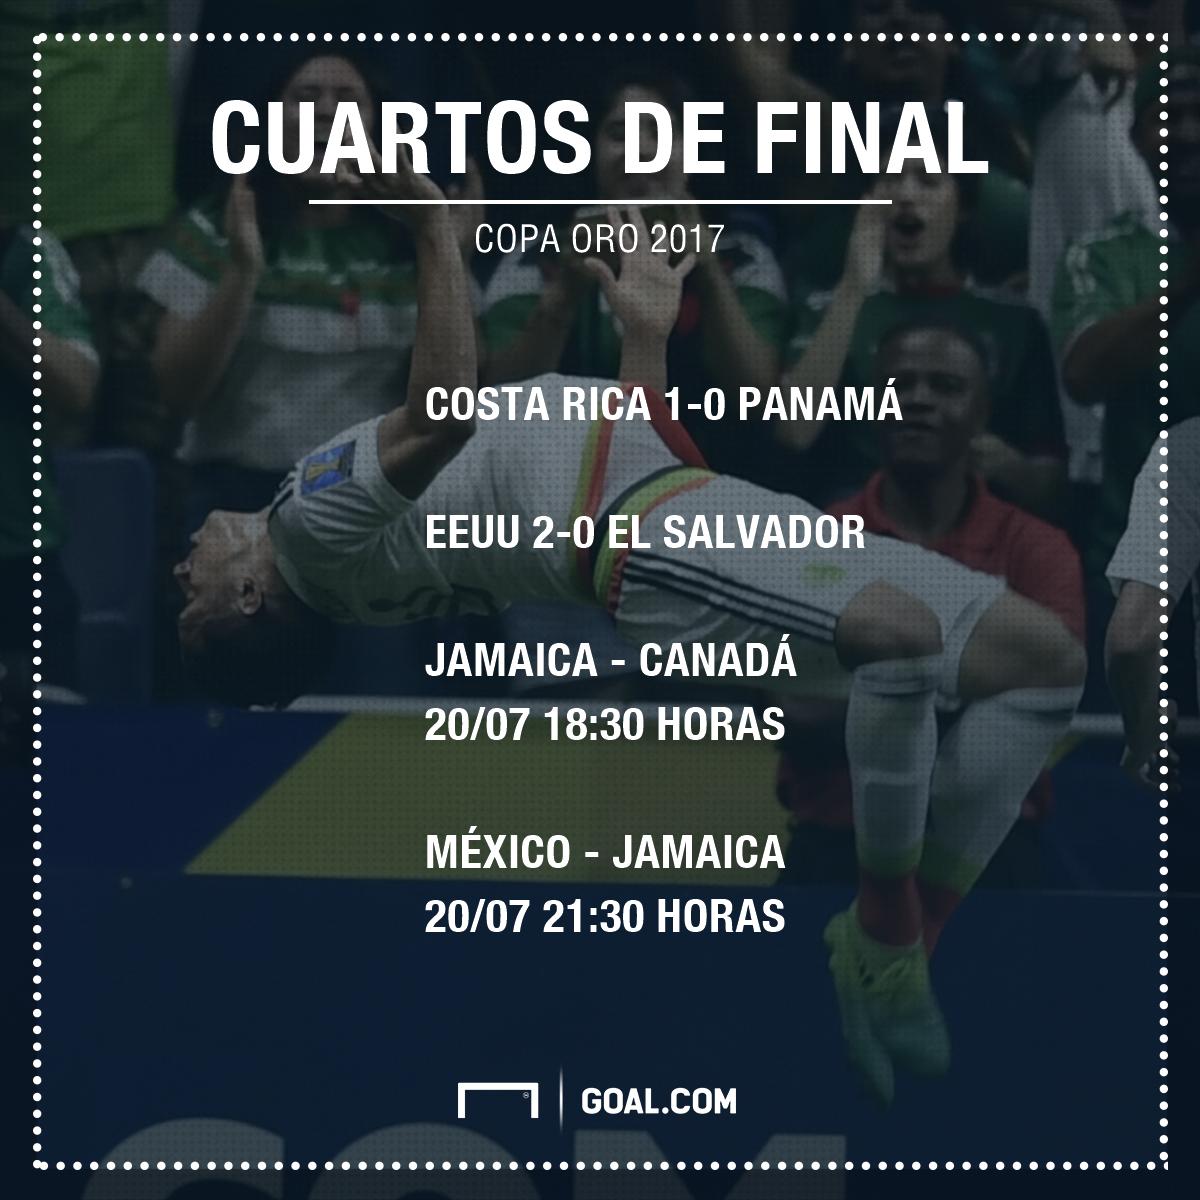 Los cuartos de final de la copa oro 2017 for Cuartos de final coac 2017